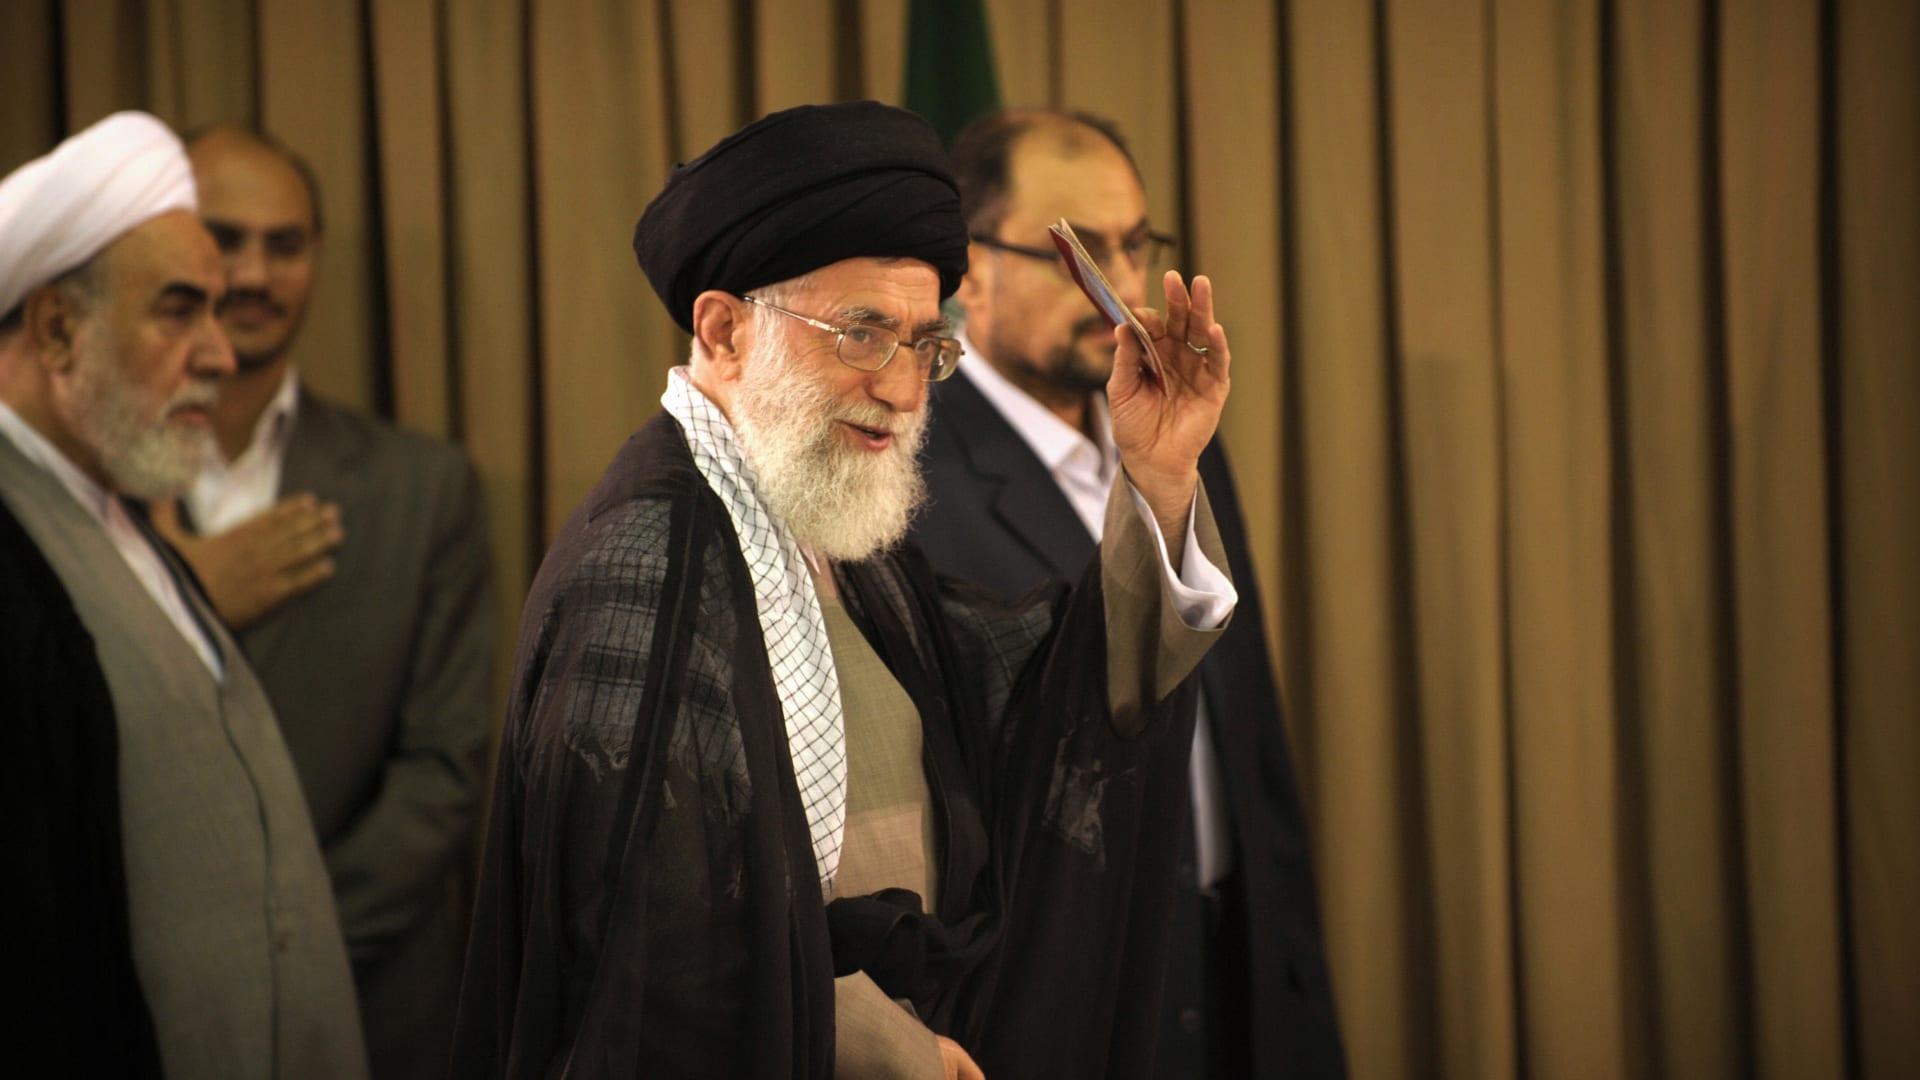 خامنئي.. كيف تحول تلميذ الخميني إلى مرشد إيران الأعلى؟